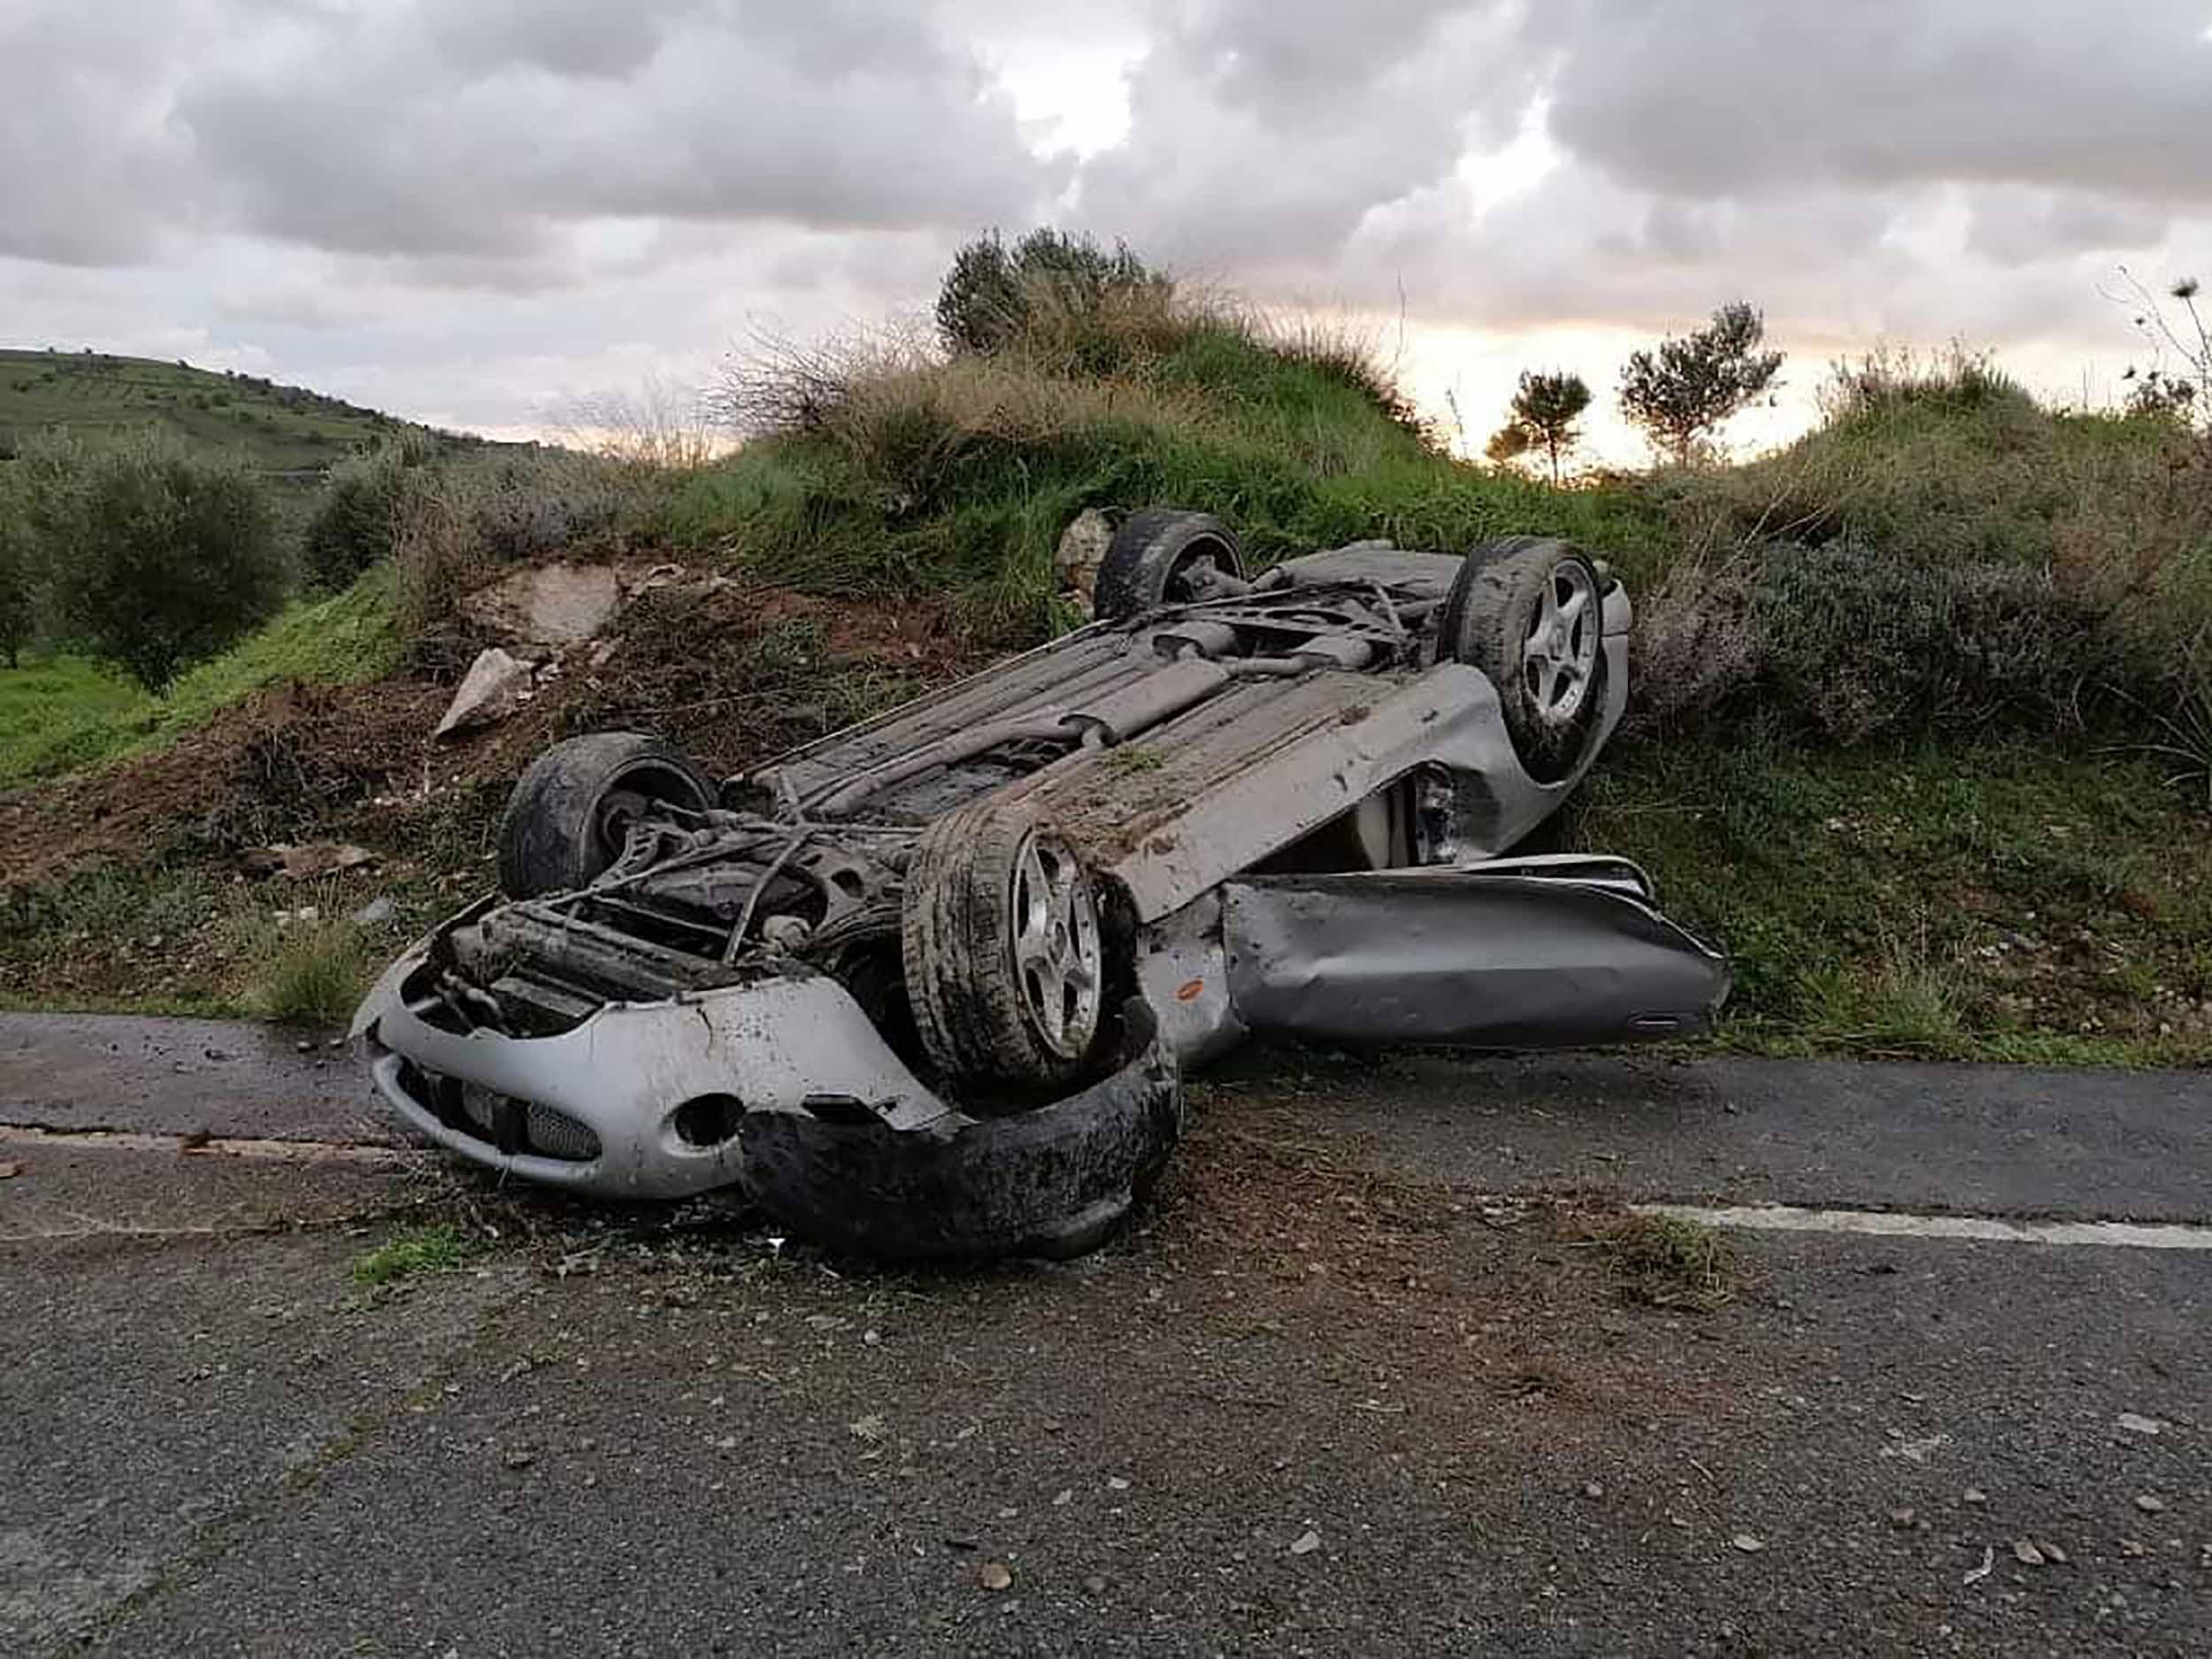 Οι τροχαίοι θάνατοι μειώθηκαν σε ολόκληρη την ΕΕ αν και η Κύπρος παρατηρεί μικρή μόνο μείωση